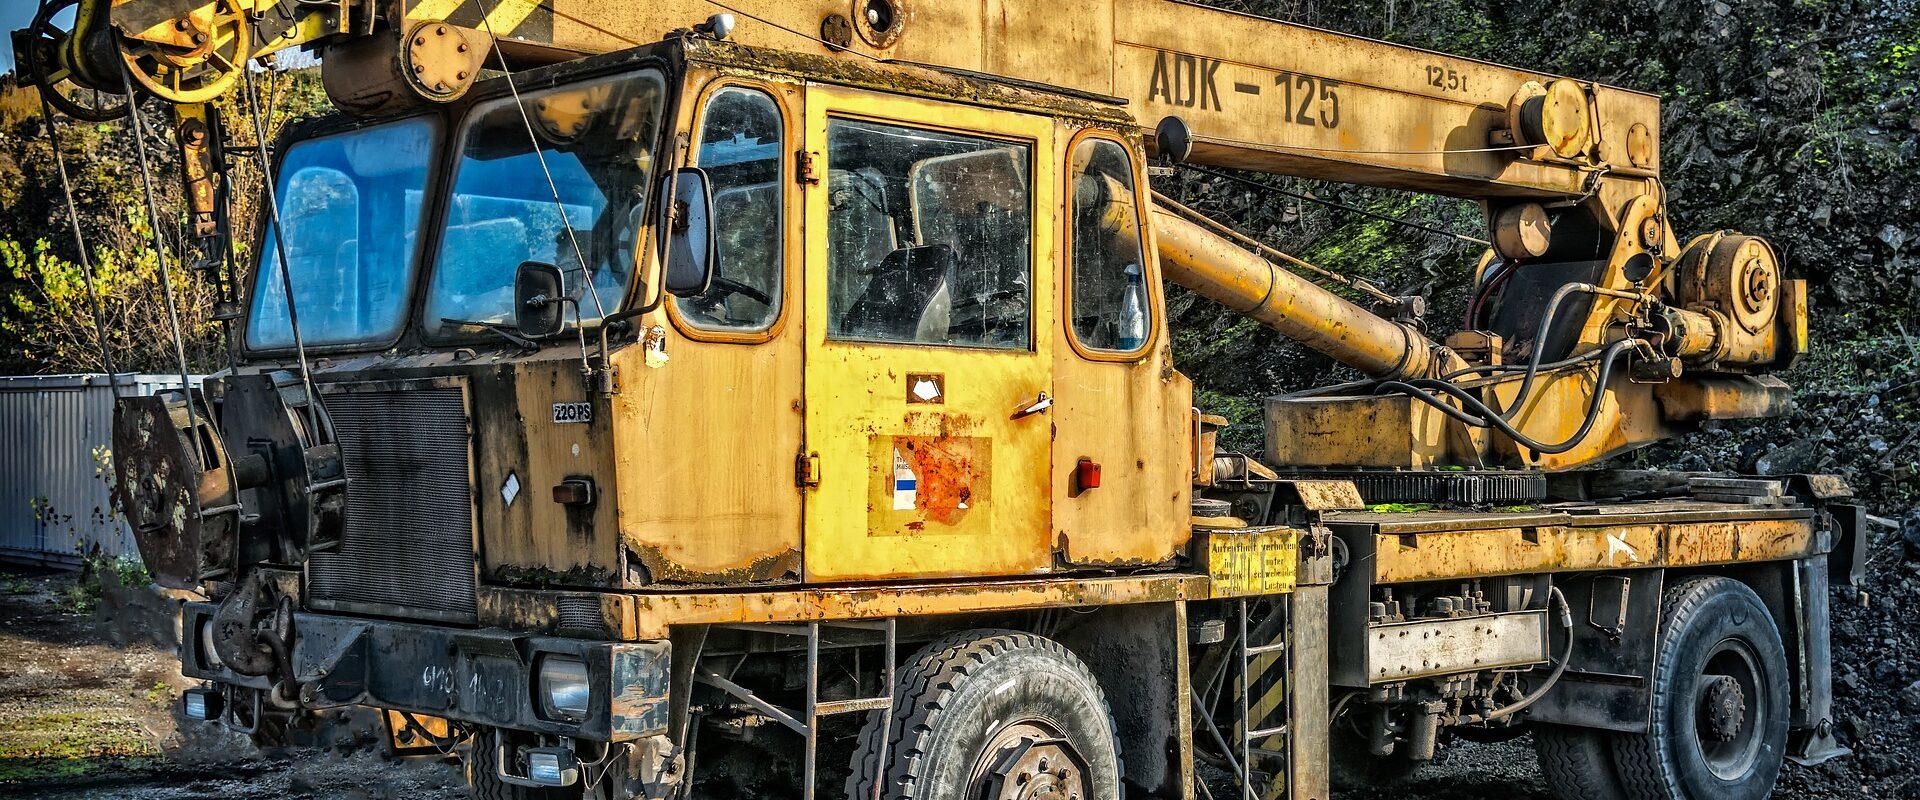 gelber Autokran, Sonderfahrzeug